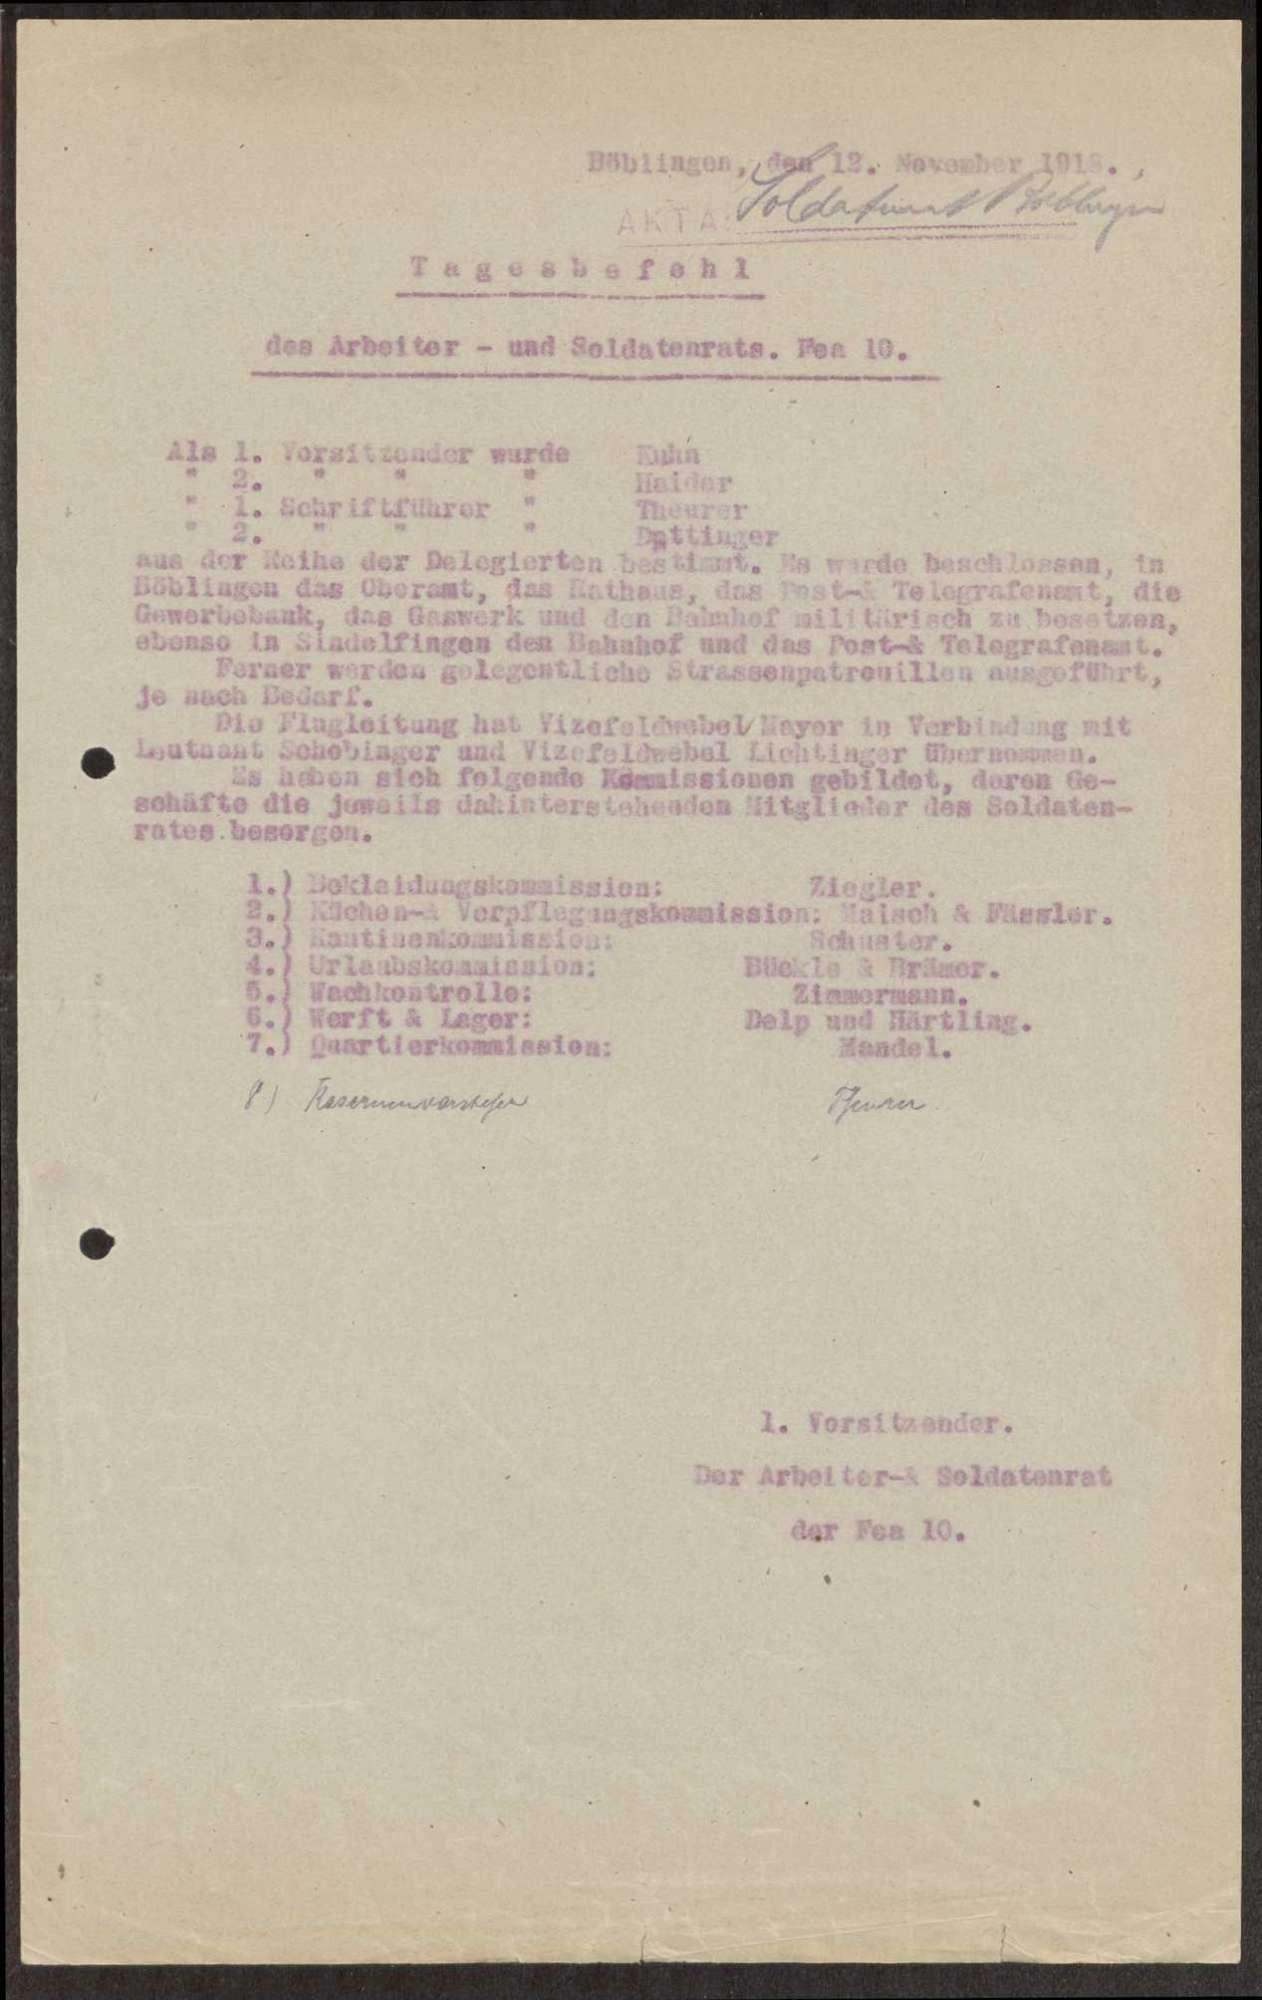 Zusammensetzung des Garnison- und Soldatenrates der Flieger-Ersatz-Abteilung 10, Bild 1